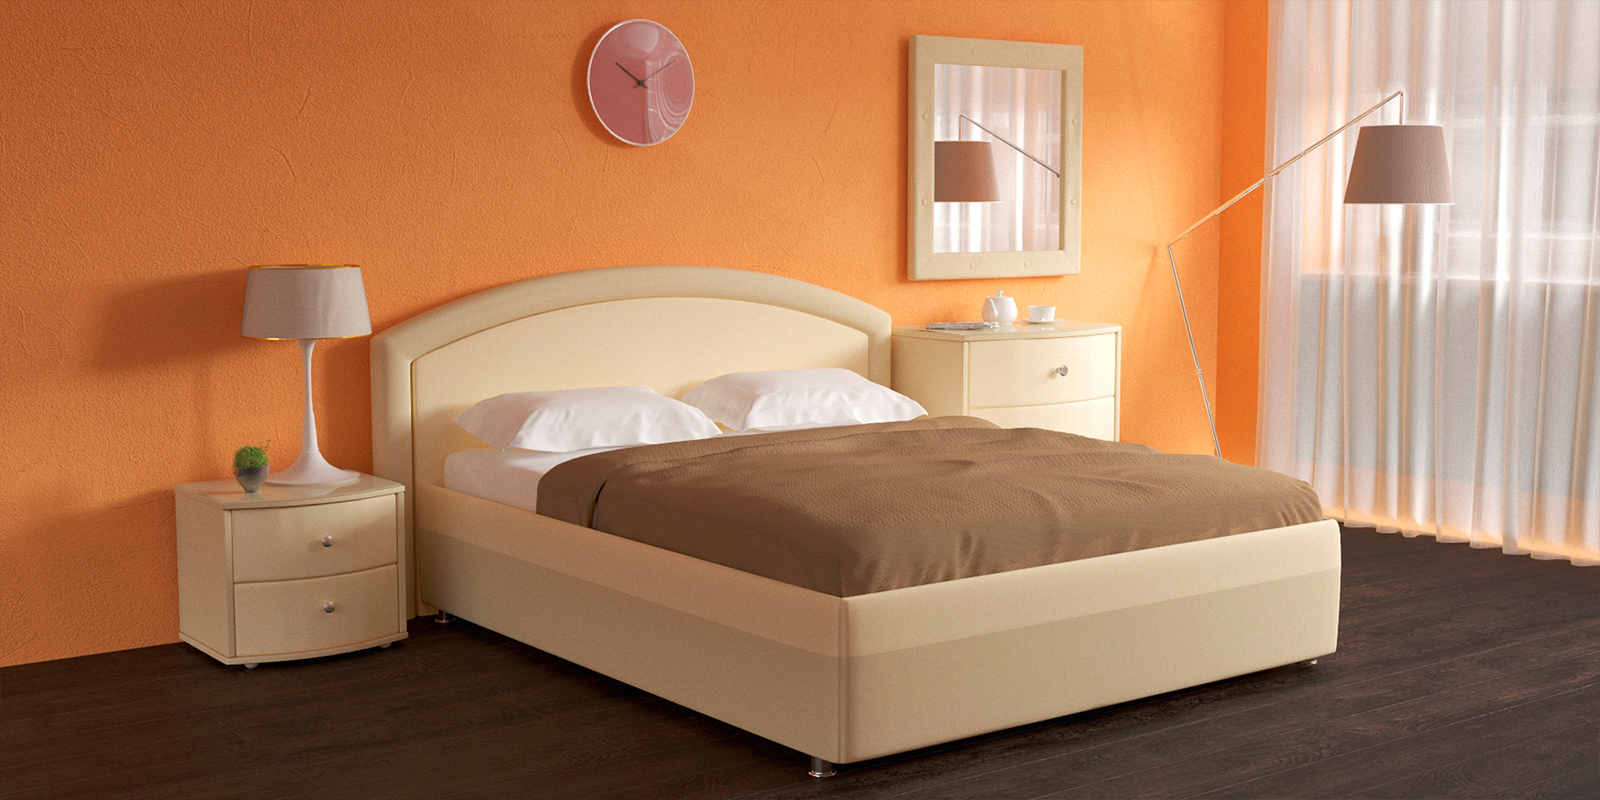 Купить Мягкая кровать 200х160 Малибу вариант №8 с ортопедическим основанием (Бежевый), HomeMe